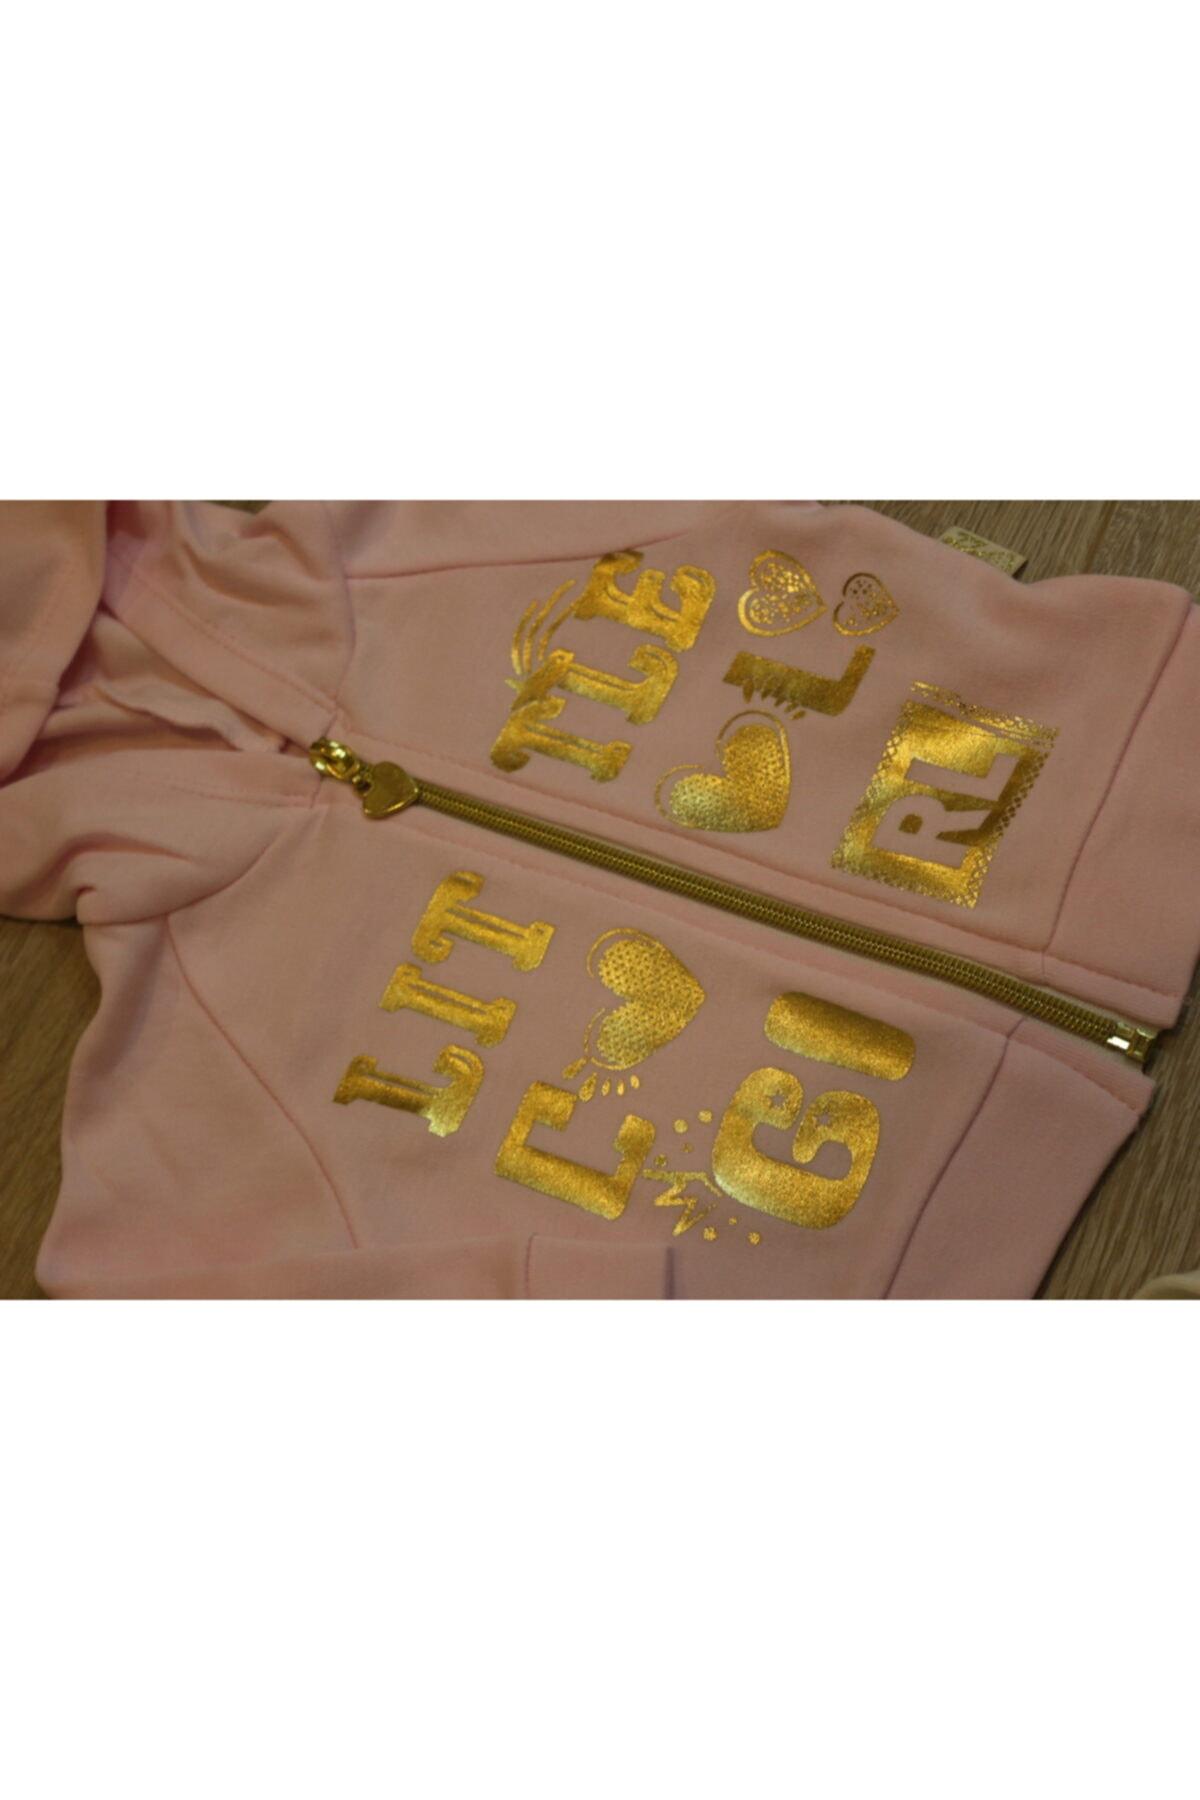 Atalay Çok Şık Gold Detaylı 3lü Kız Bebek Takımı - Şık Koleksiyon - %100 Pamuk 2